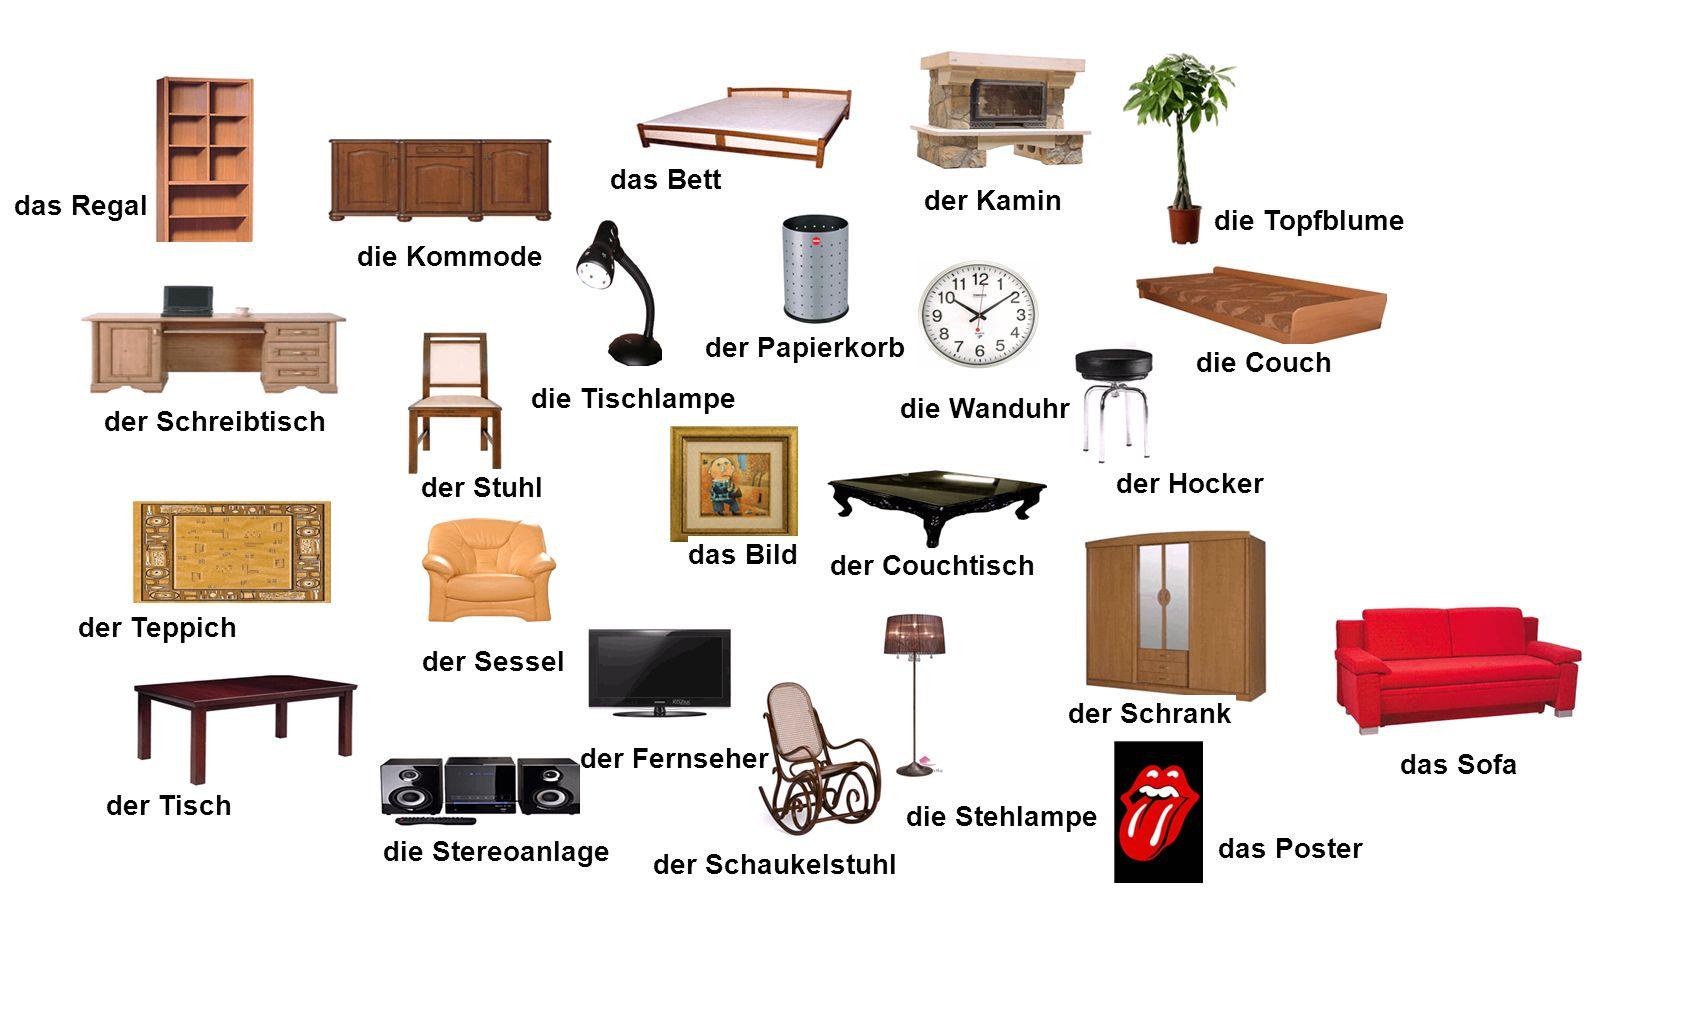 das Regal der Schreibtisch die Kommode das Bett der Stuhl das Bild die Tischlampe die Couch der Hocker der Couchtisch die Wanduhr die Topfblume das So